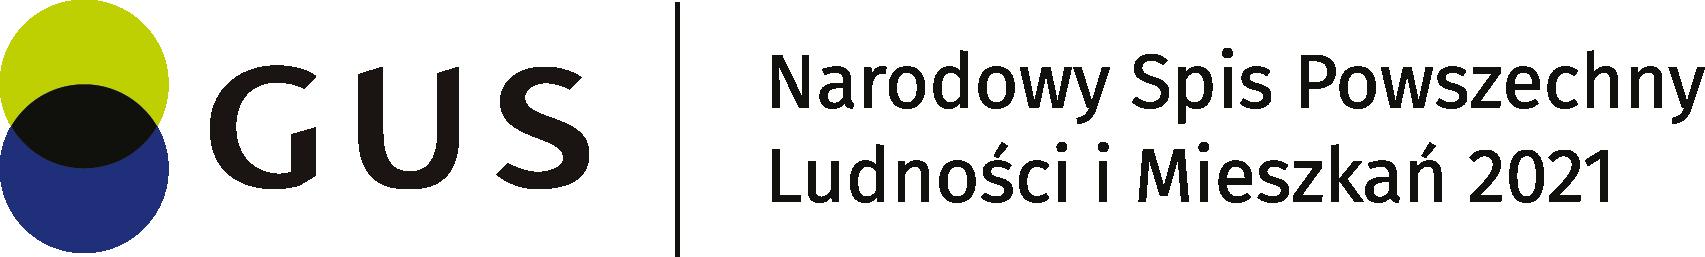 logo nsp 1